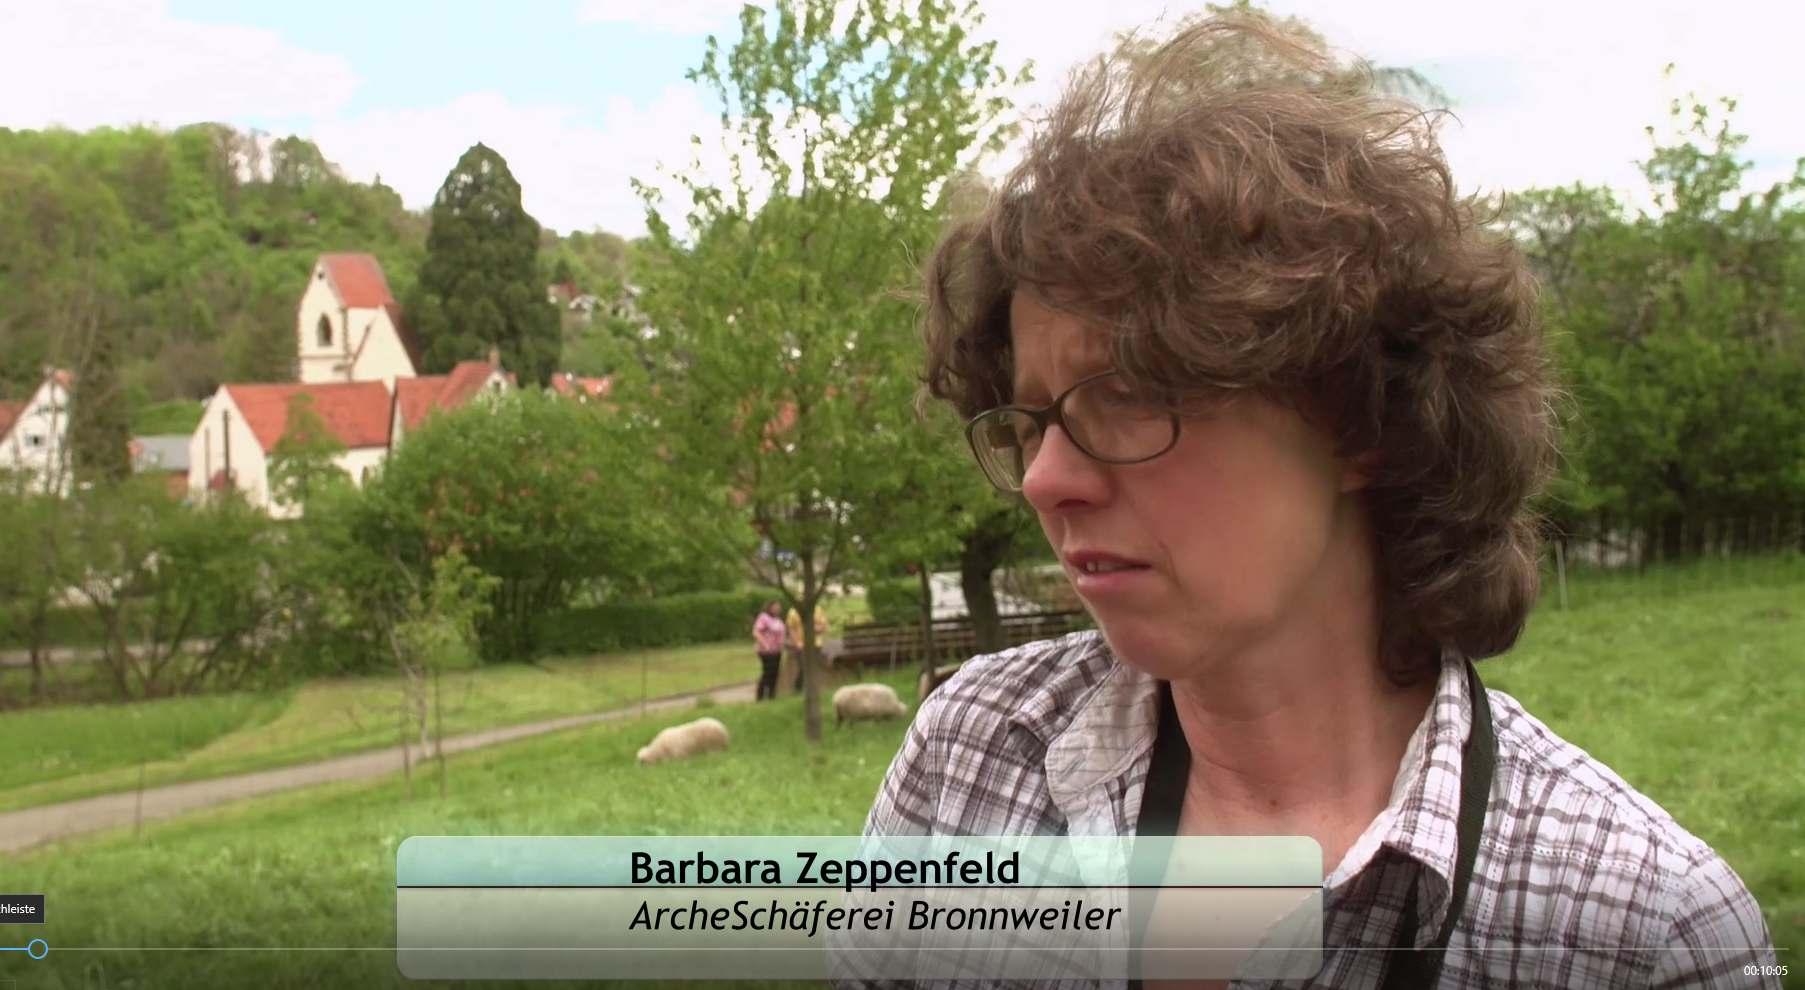 Screenshot aus dem Video: Barabara Zeppenfeld - Archeschäferei